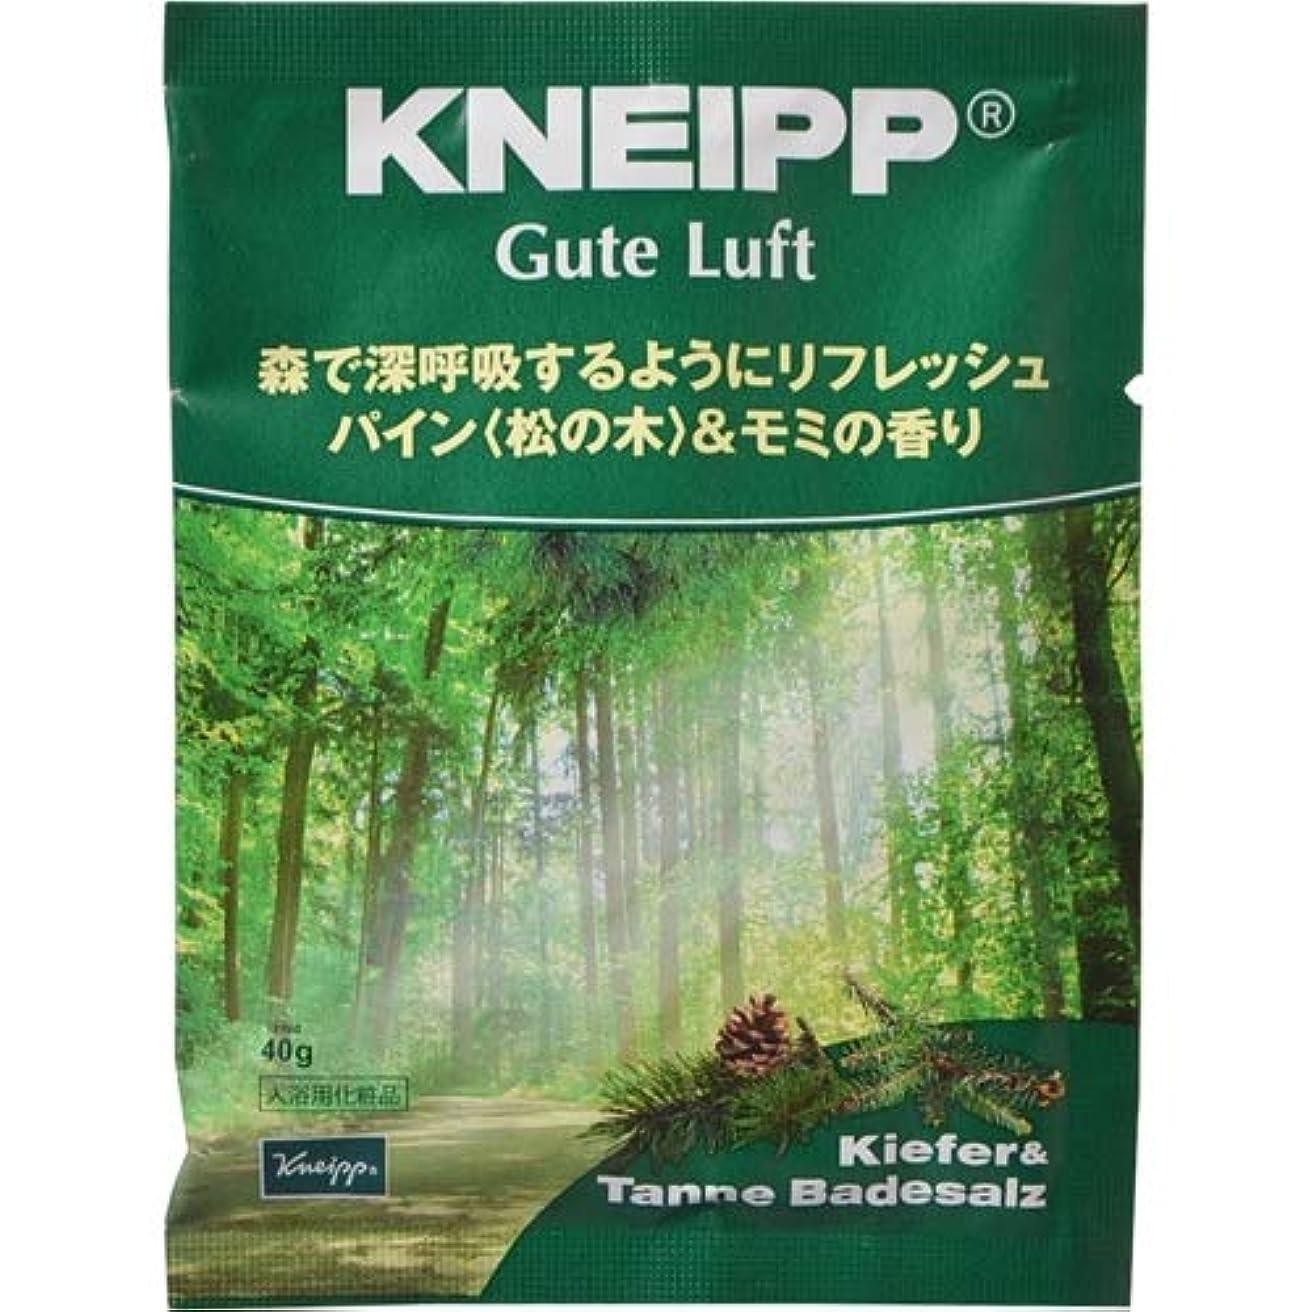 波またはどちらか波クナイプ?ジャパン クナイプ グーテルフト バスソルト パイン<松の木>&モミの香り 40g